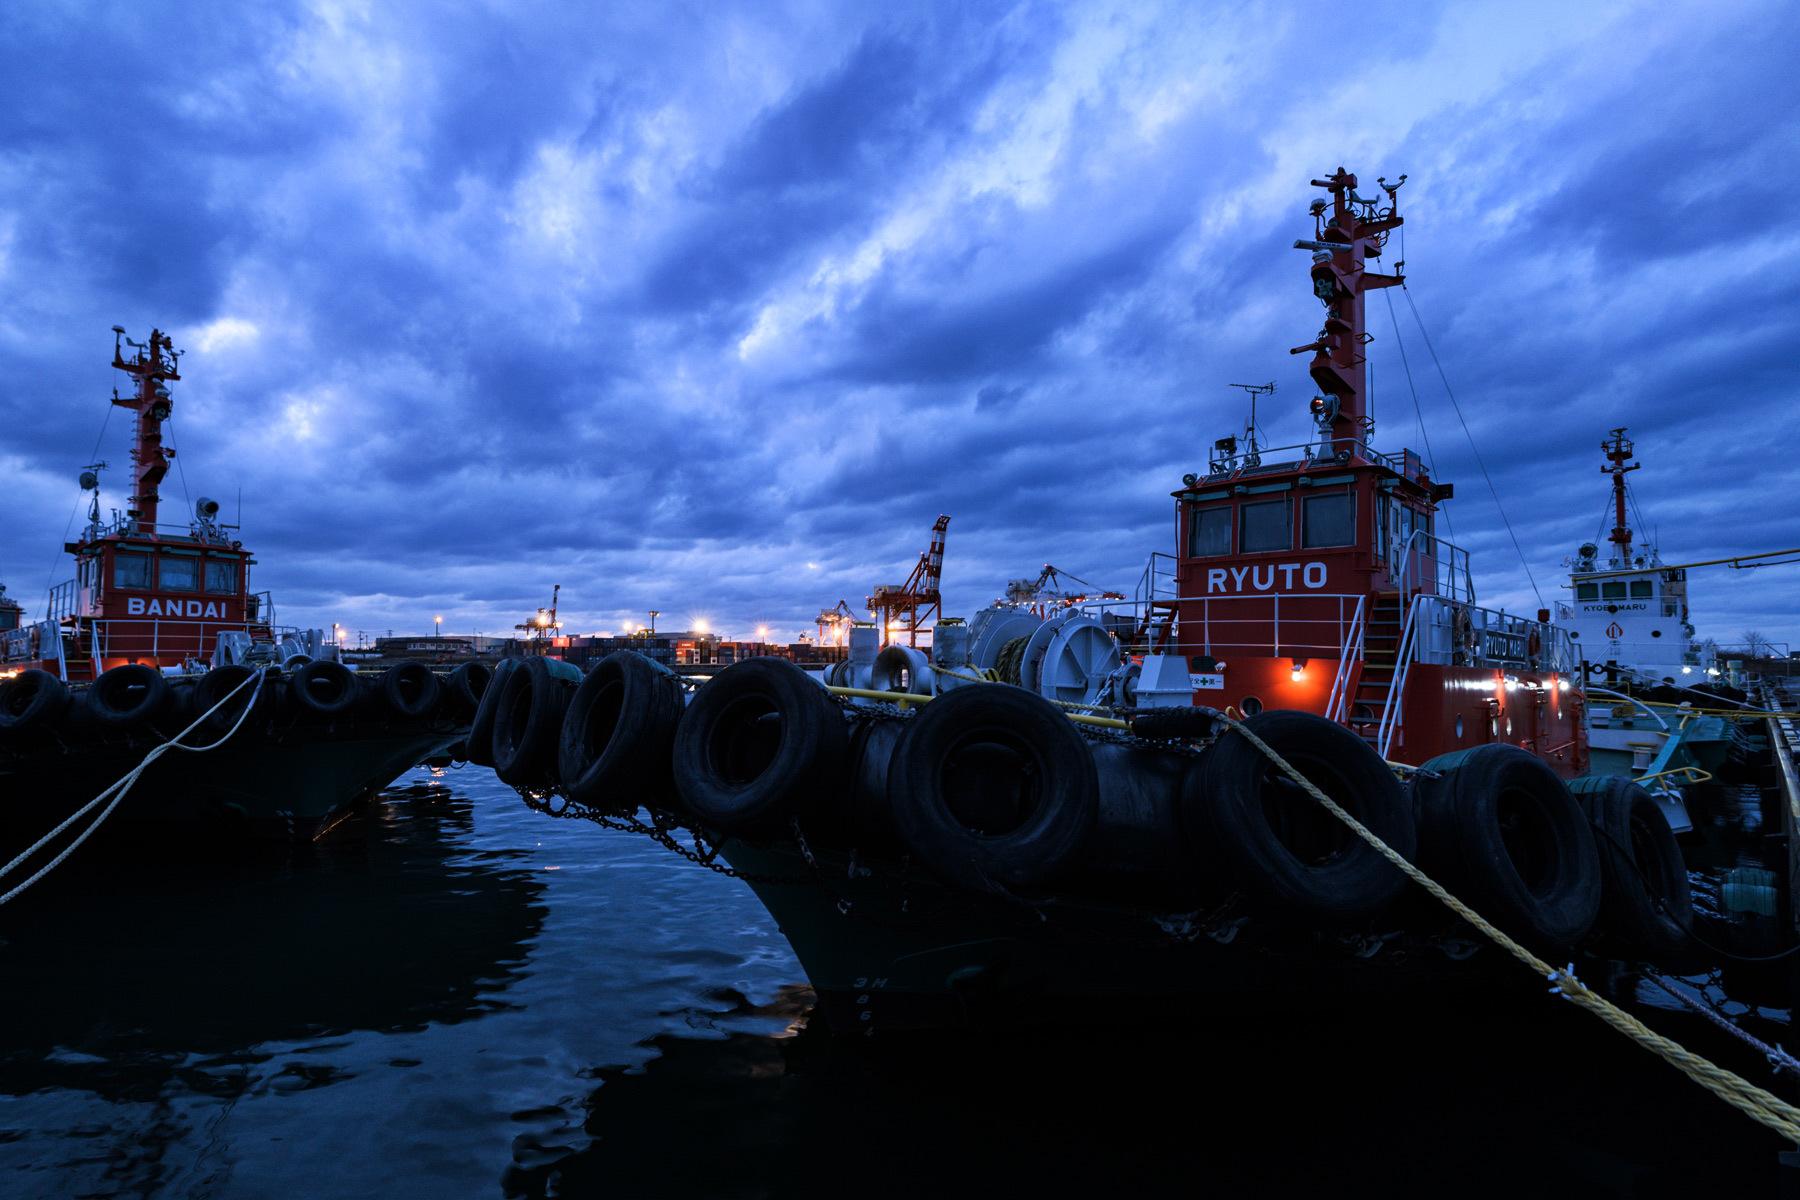 Dusk in tugboat_a0041722_11084519.jpg